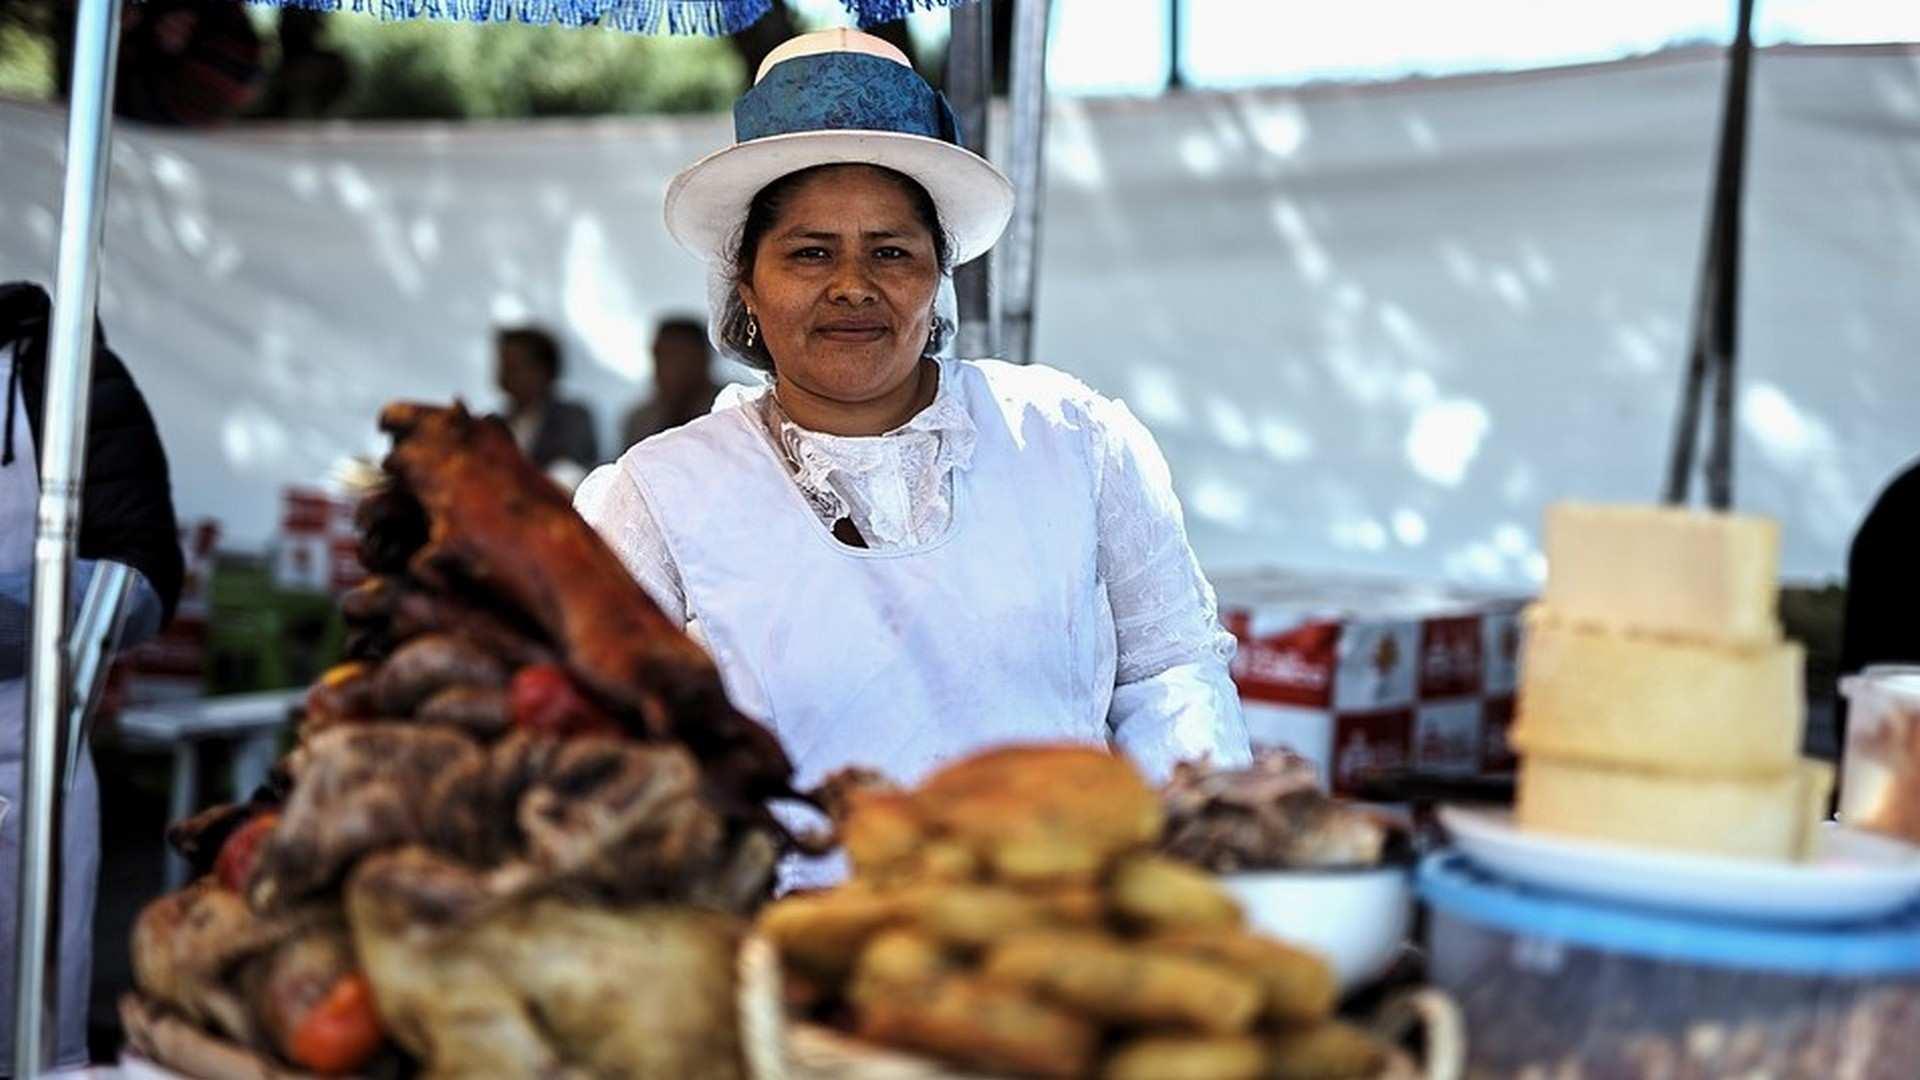 Viaje por la gastronomía peruana: de la costa pacífica a la selva amazónica